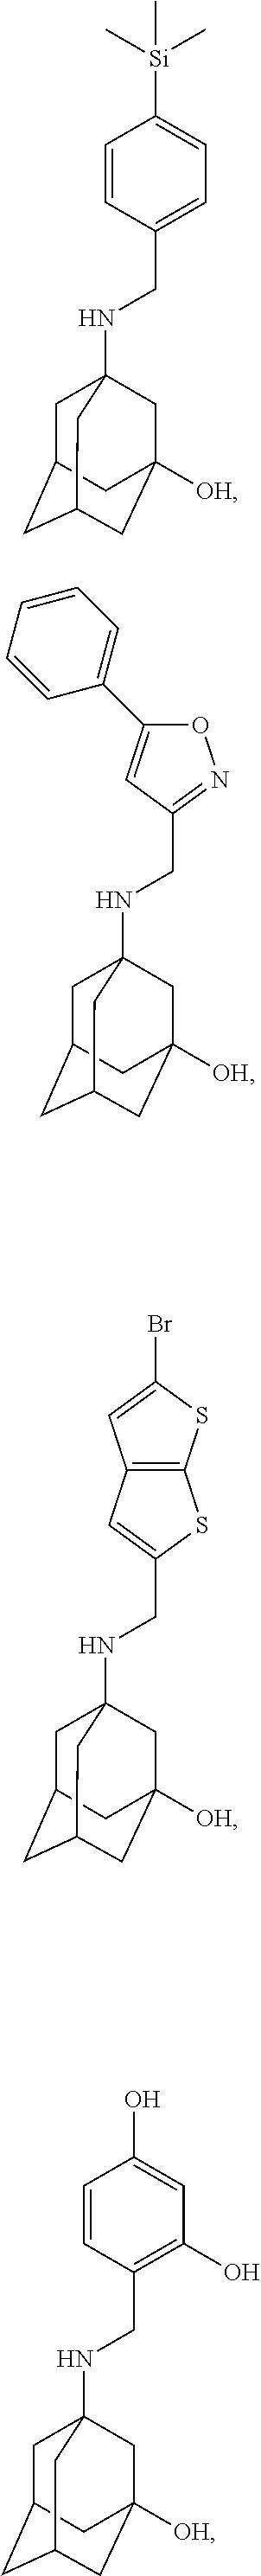 Figure US09884832-20180206-C00173